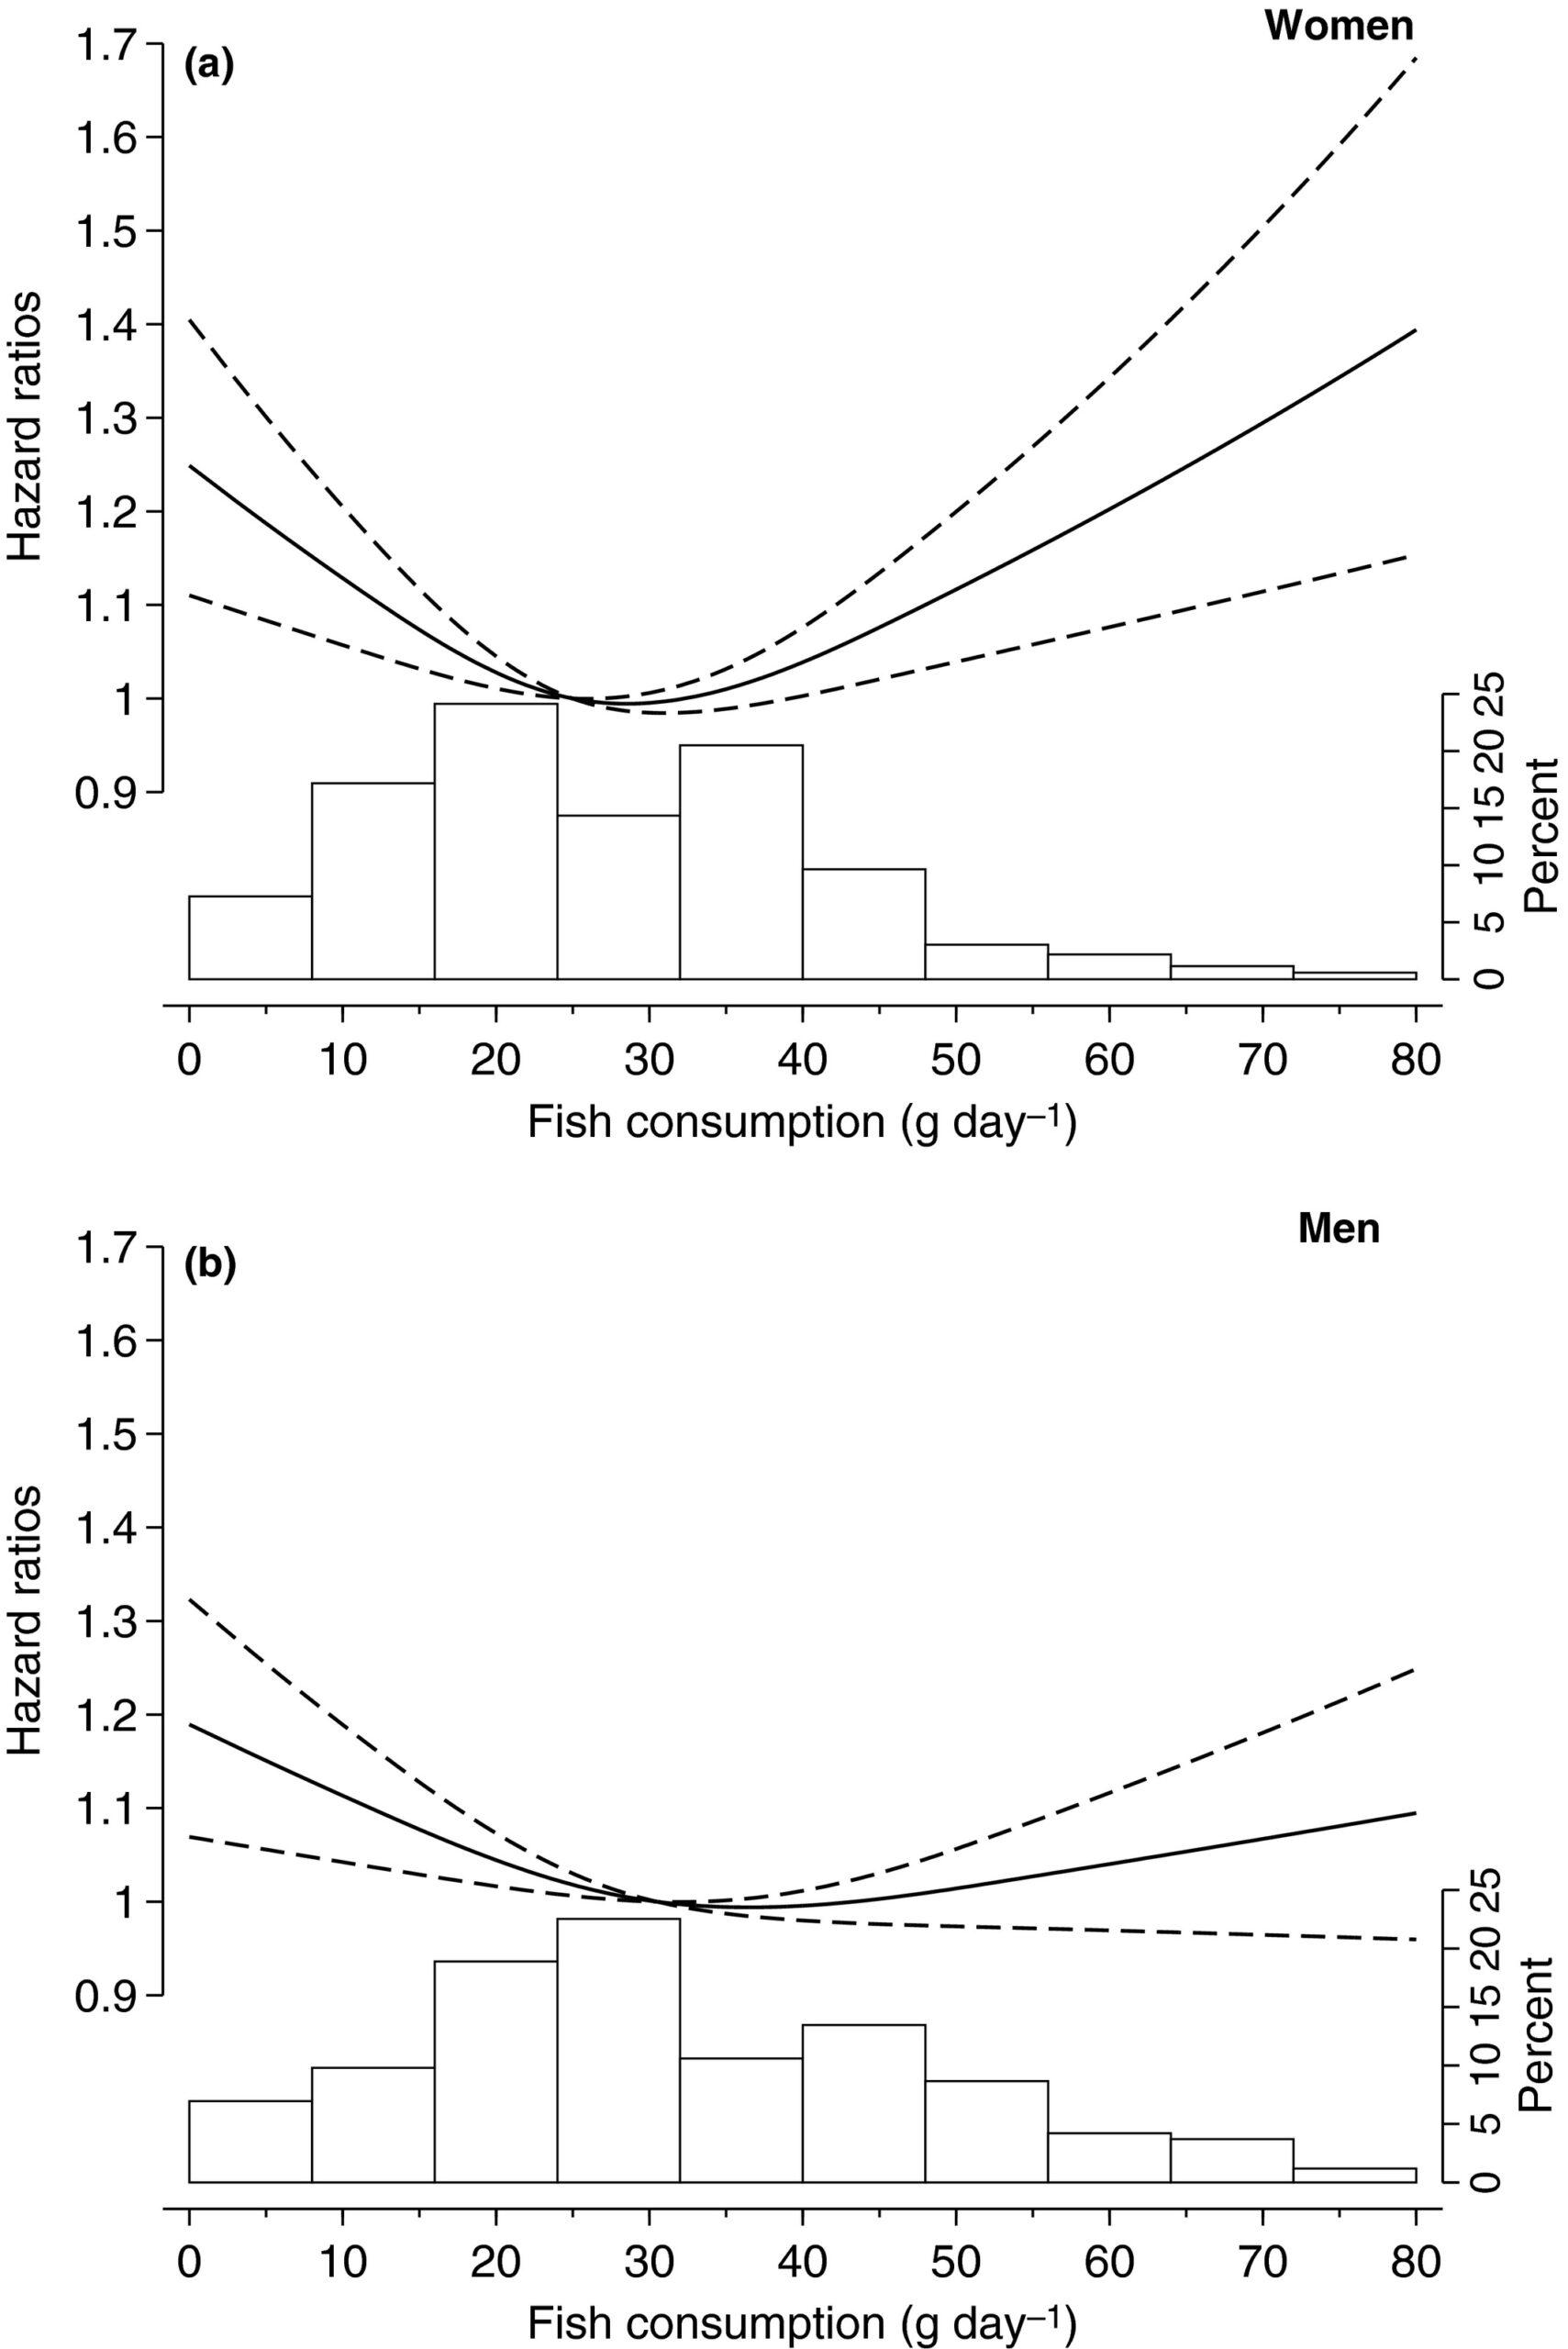 потребления рыбы риск общей смертности